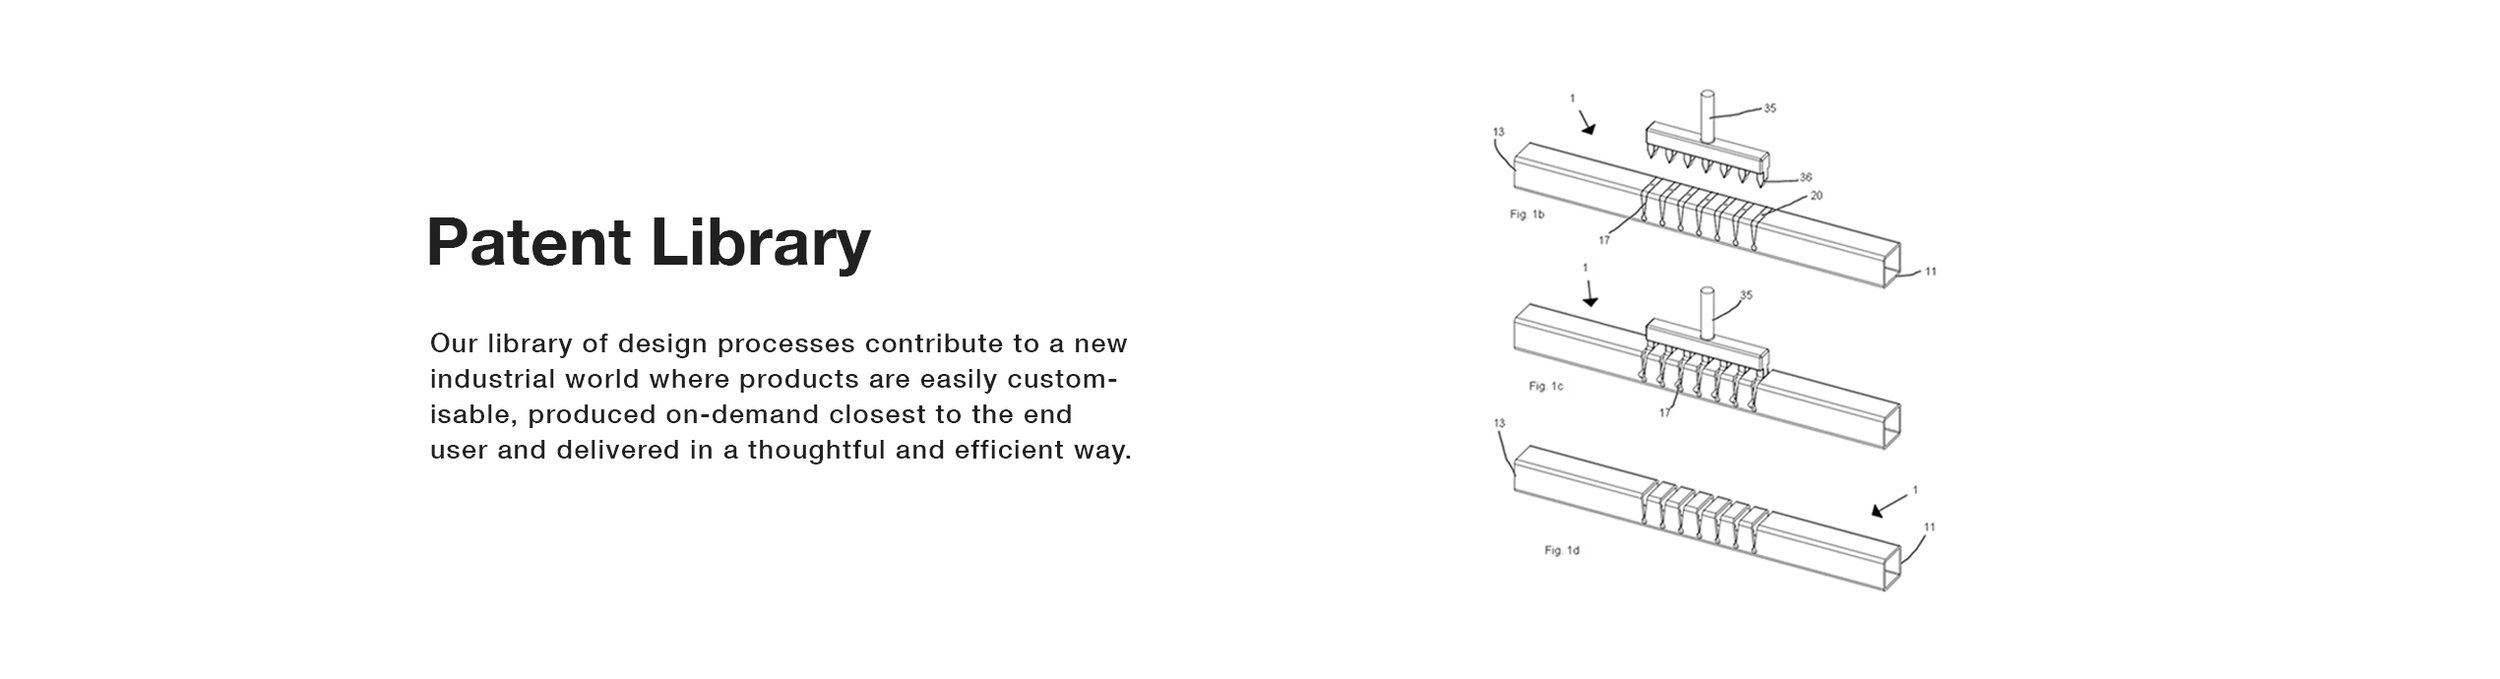 Cutwork, Technology, Concept Narrative 2F.jpg